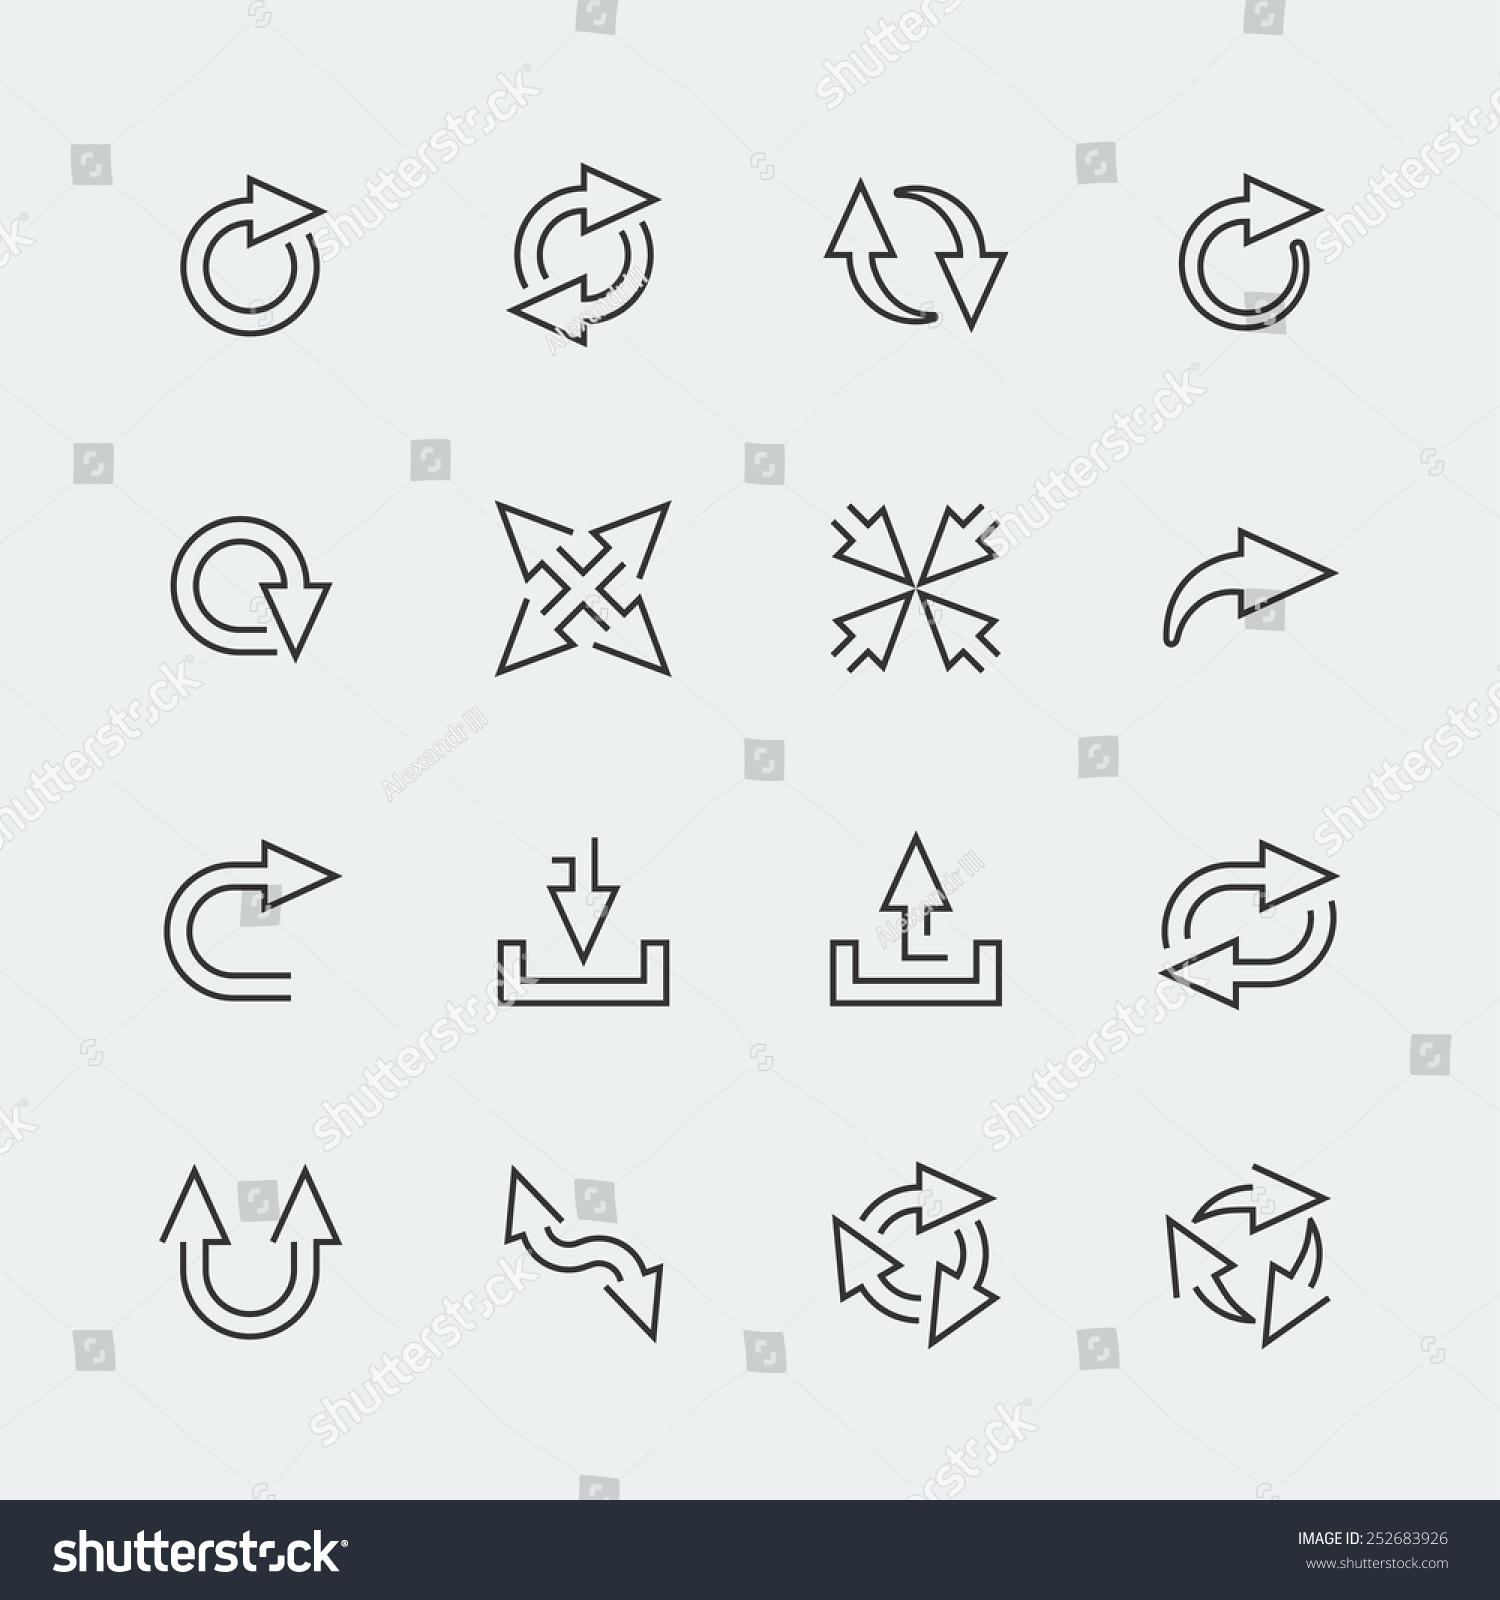 矢量箭头小图标集,轮廓的风格-符号/标志,抽象-海洛()